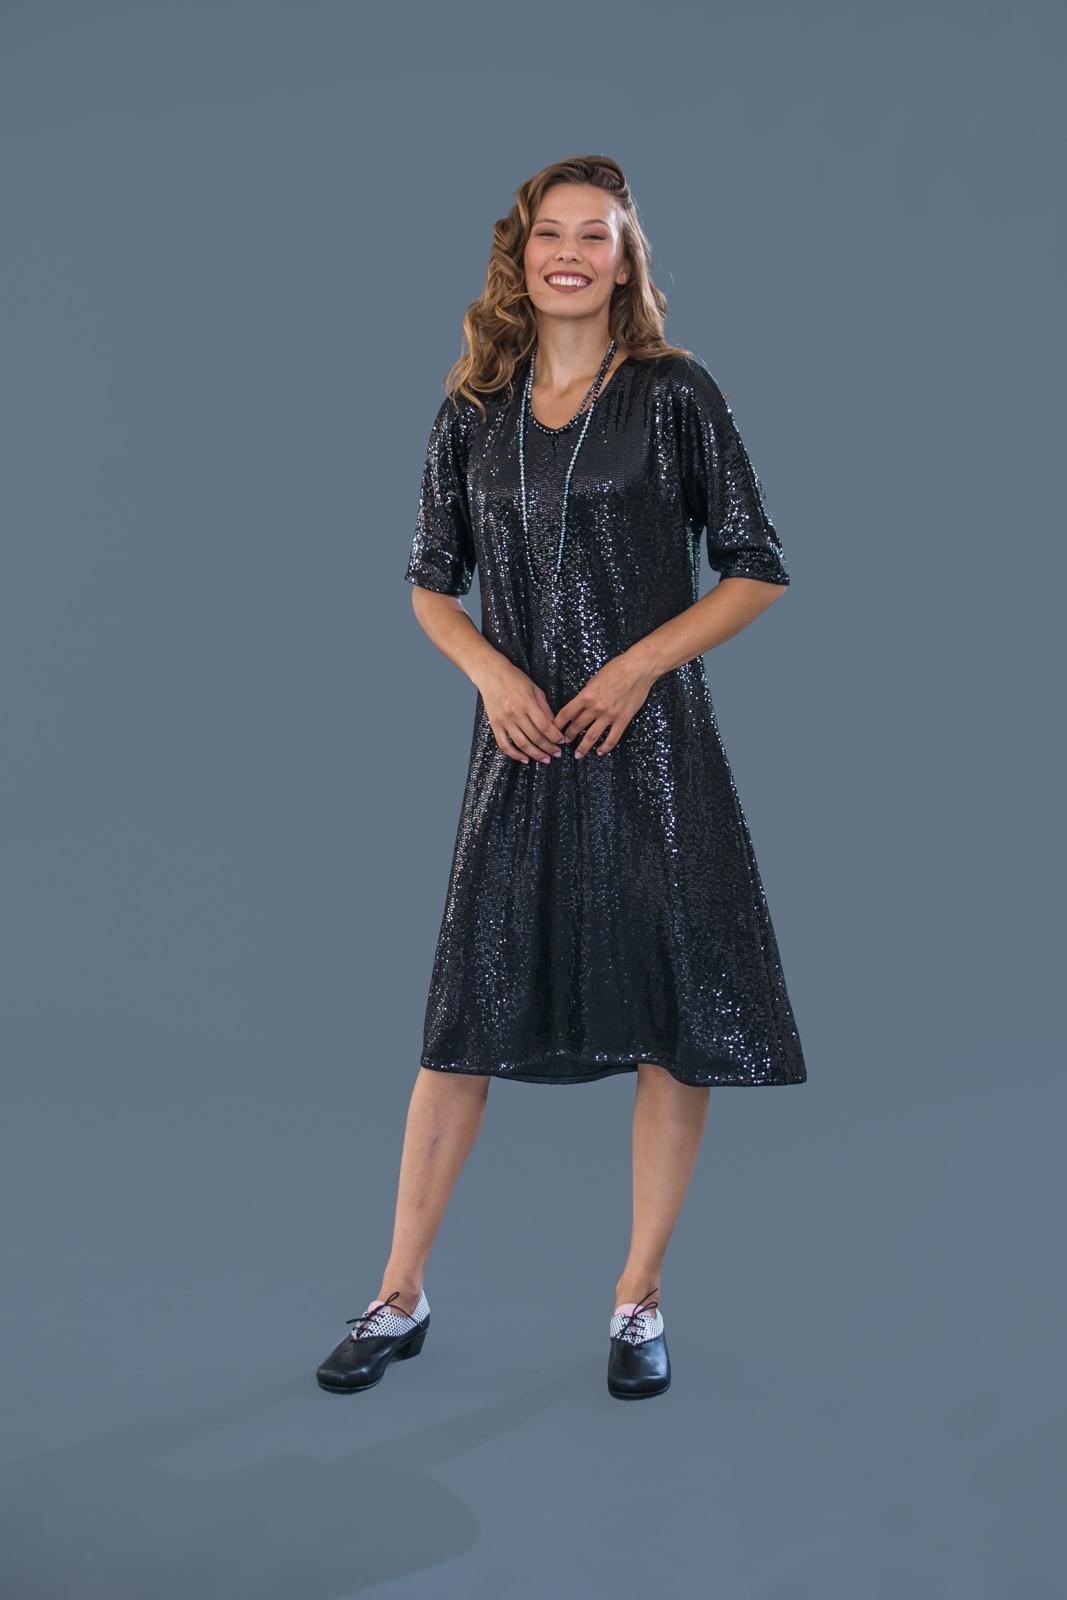 שמלת פייטים ערב שחורה